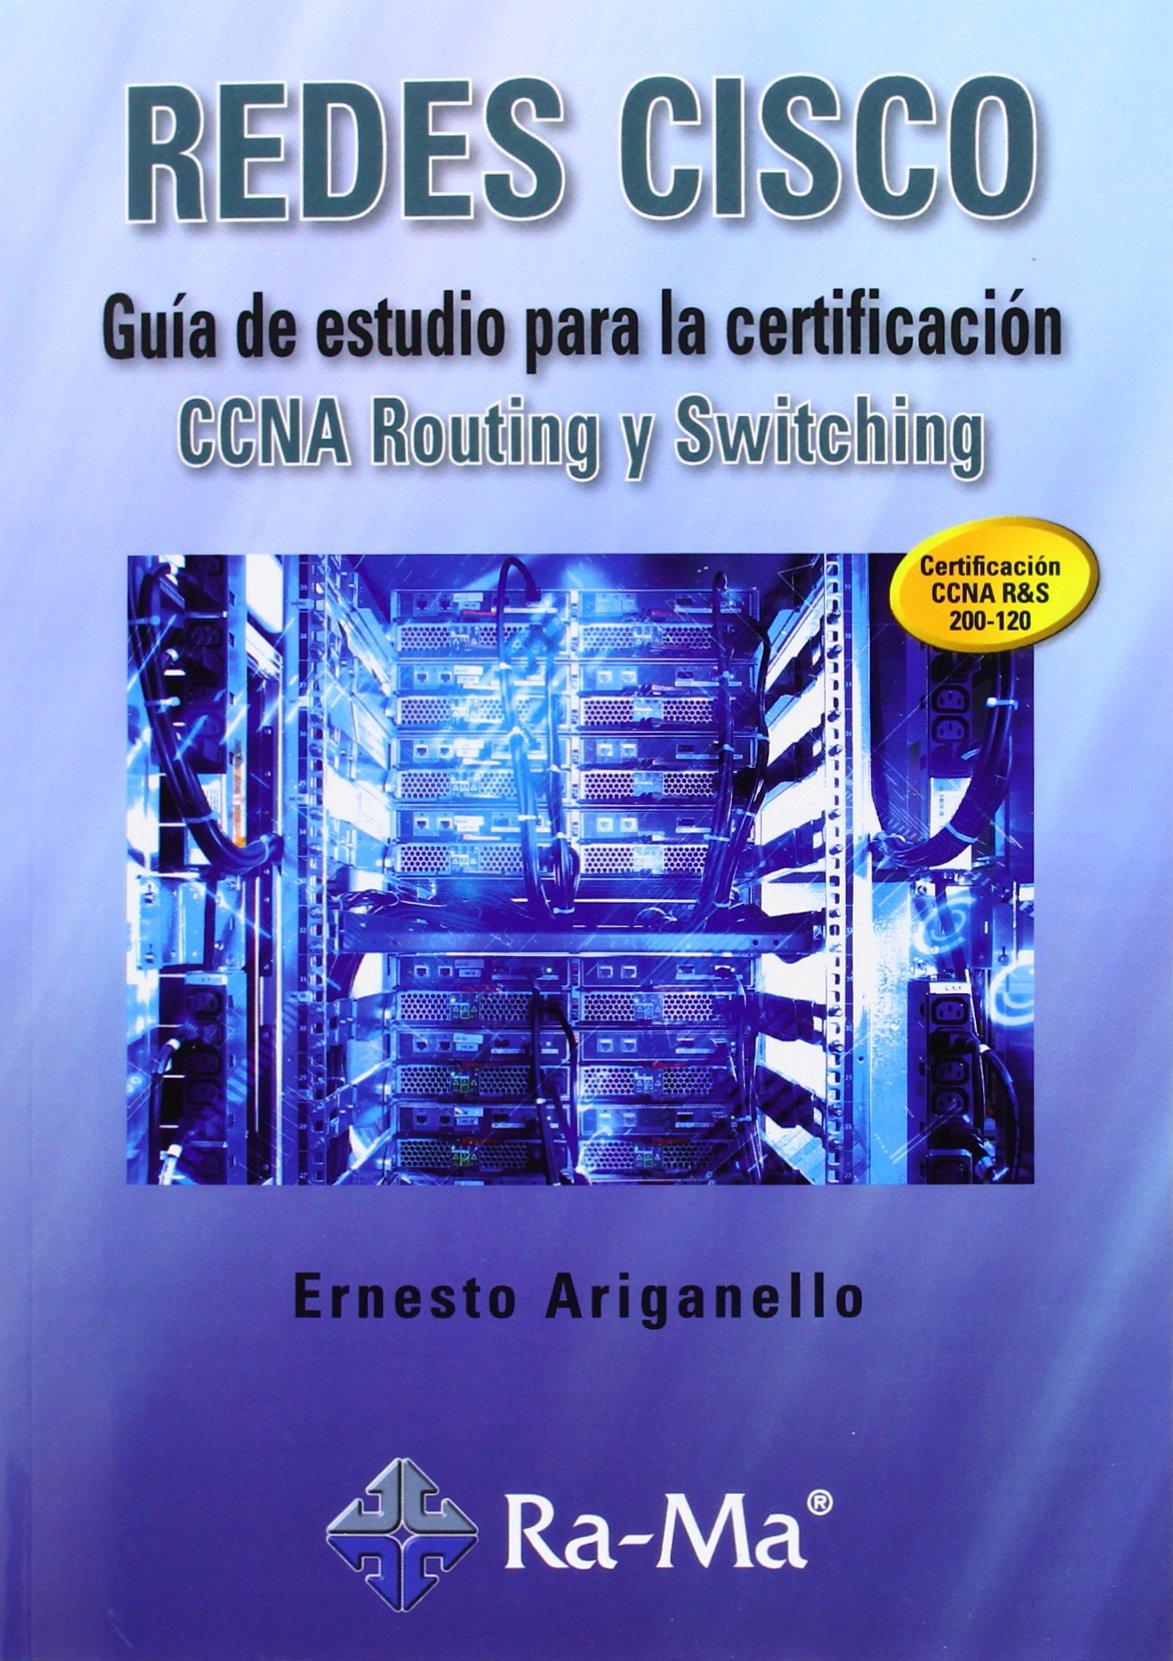 Redes Cisco. Guía De Estudio Para La Certificación CCNA Routing Y Switching Tapa blanda – 7 abr 2014 Ernesto Ariganello ANTONIO GARCIA TOME Ra-Ma 8499642721